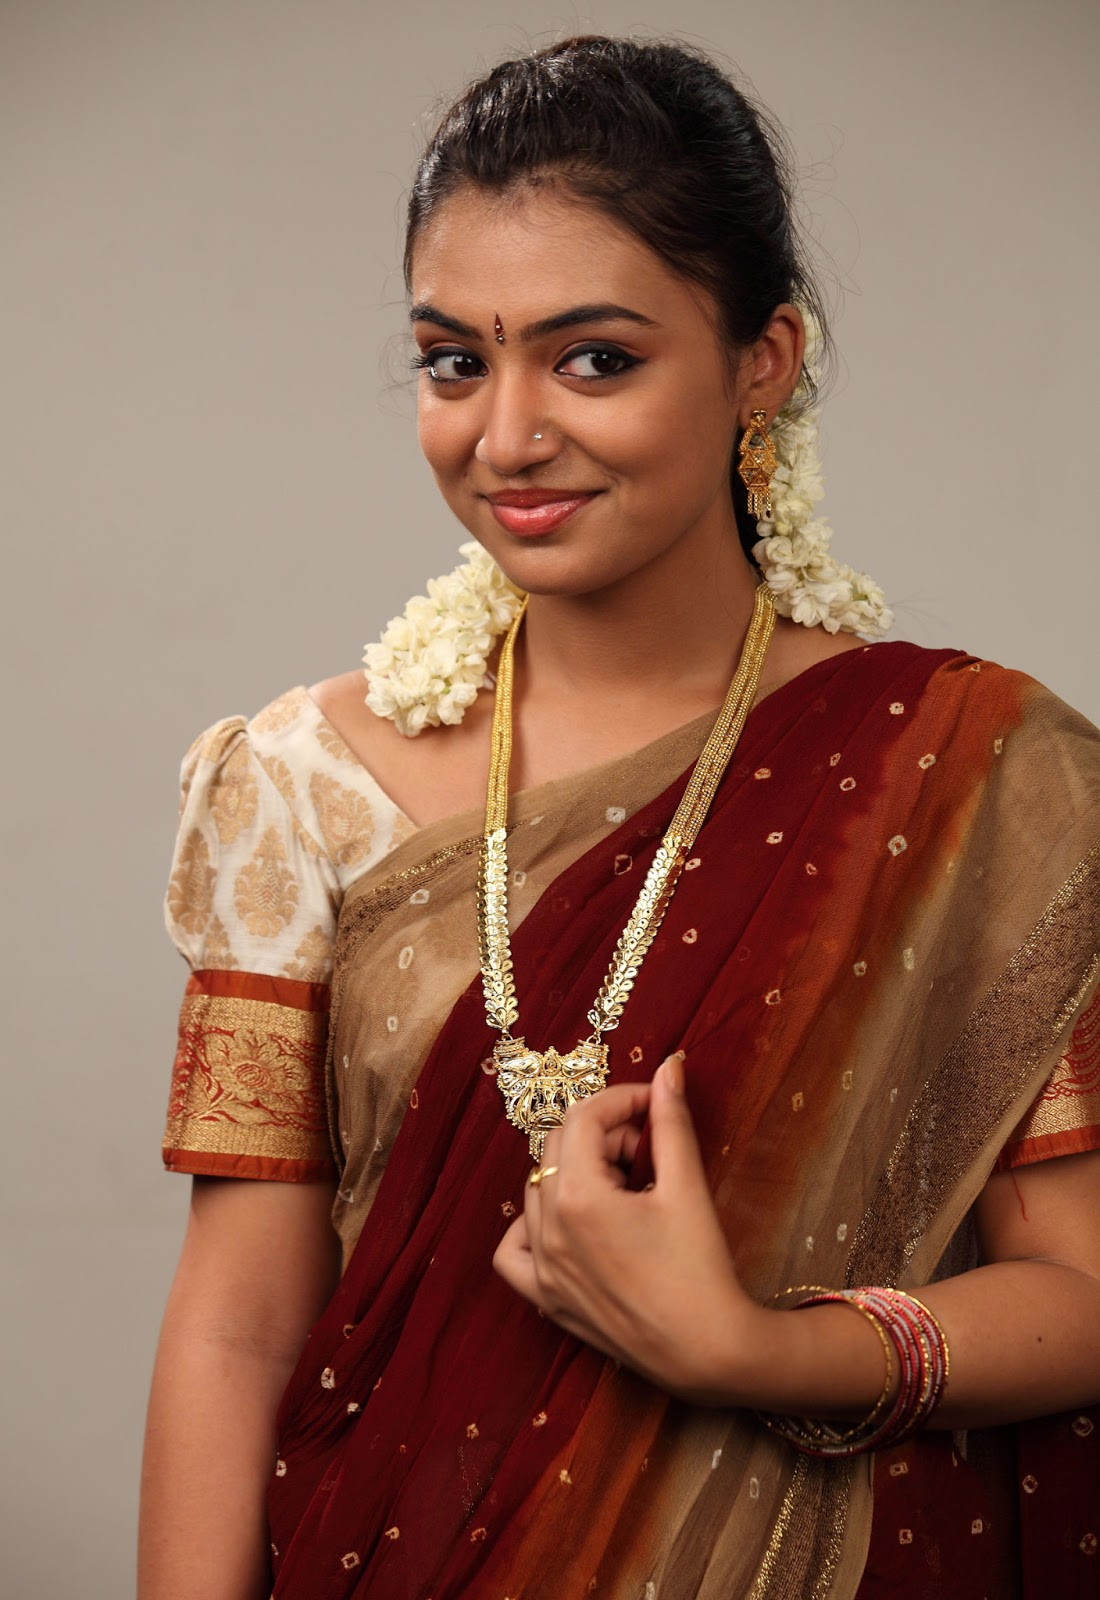 Nazriya Nazim Cute Photos: Cute Actress: Nazriya Nazim In Saree Latest Photos